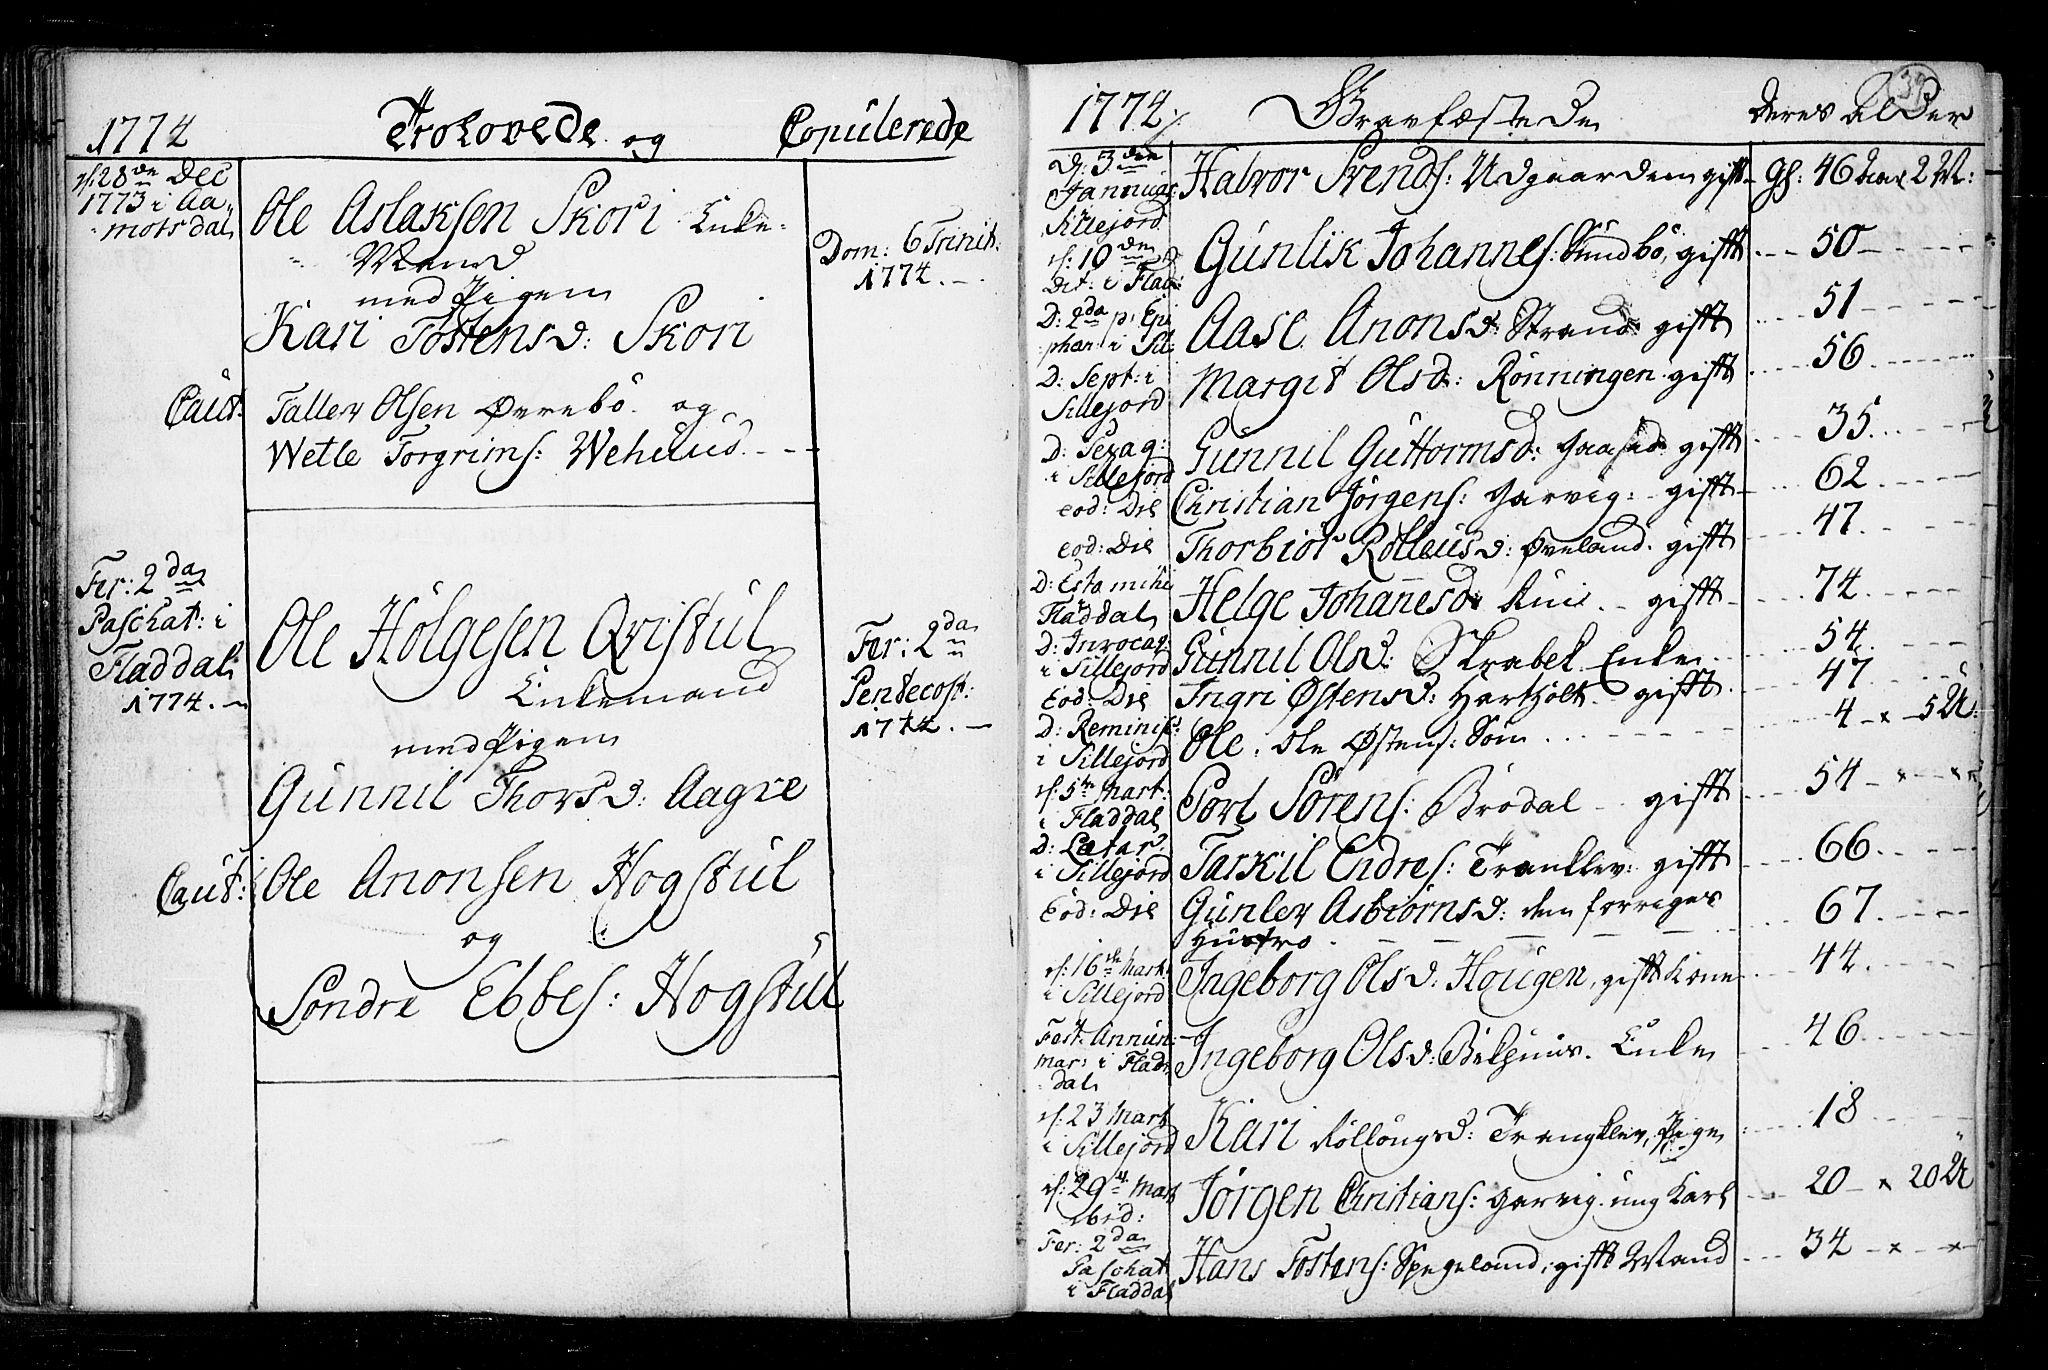 SAKO, Seljord kirkebøker, F/Fa/L0008: Ministerialbok nr. I 8, 1755-1814, s. 39